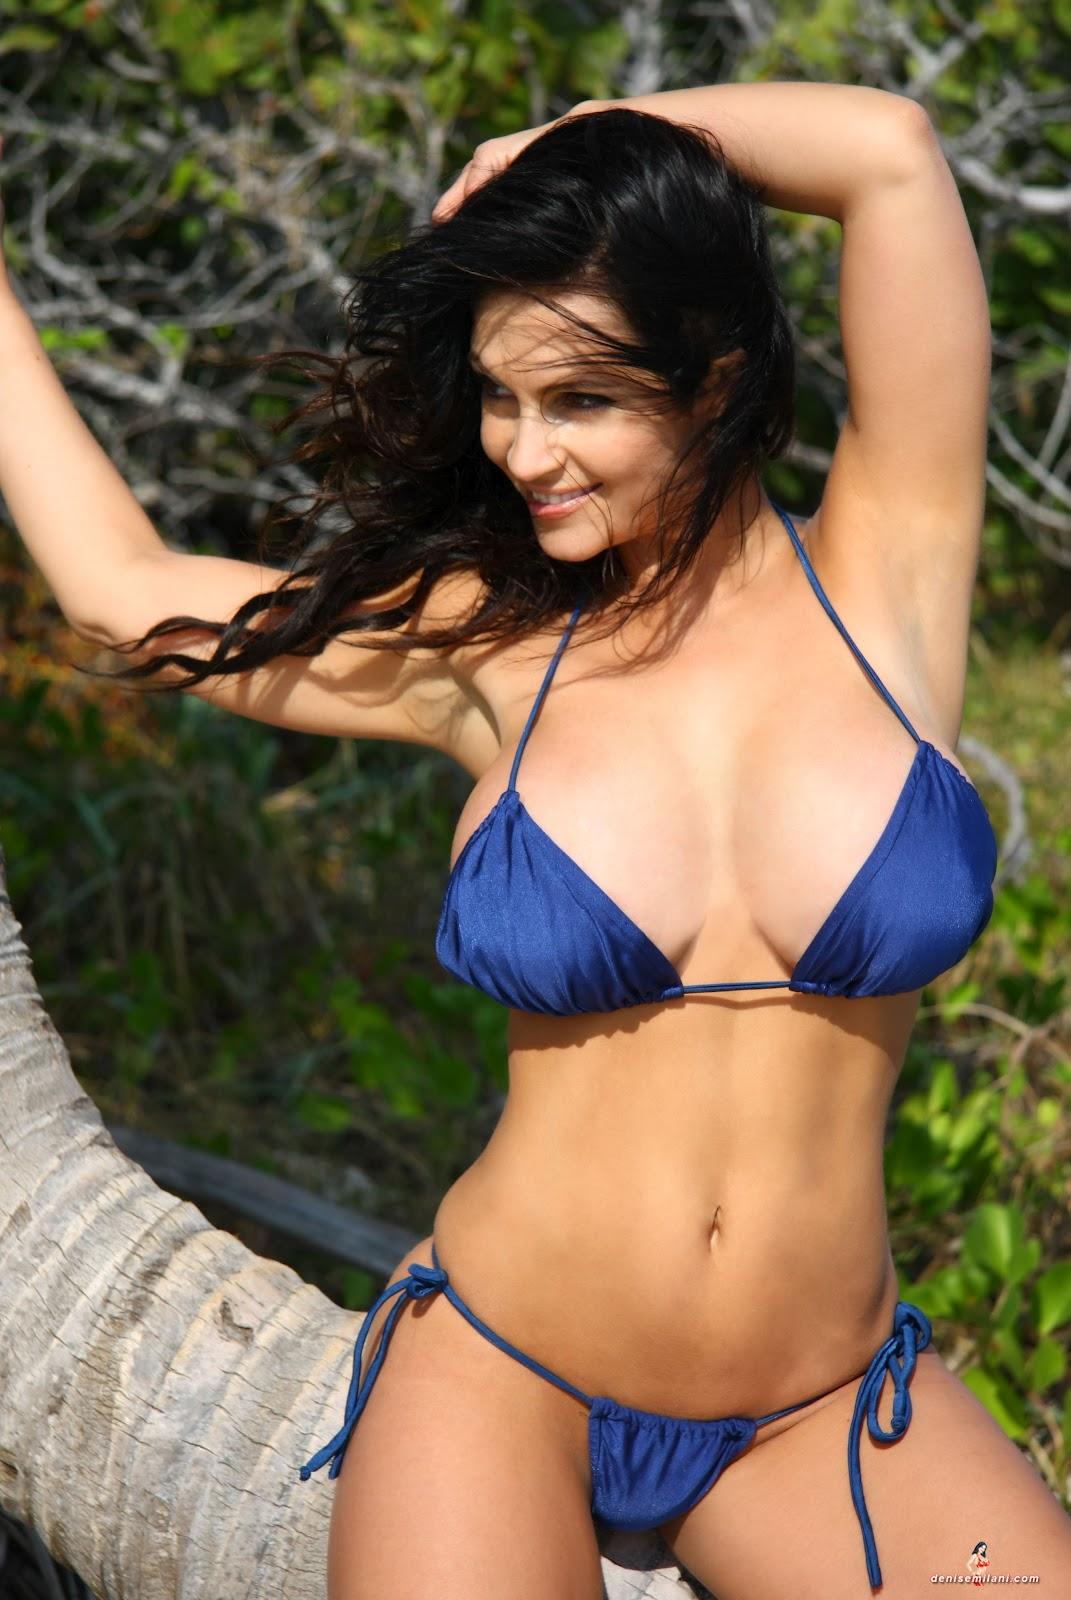 A Denise Milani Image Blog: Denise Milani Blue Bikini